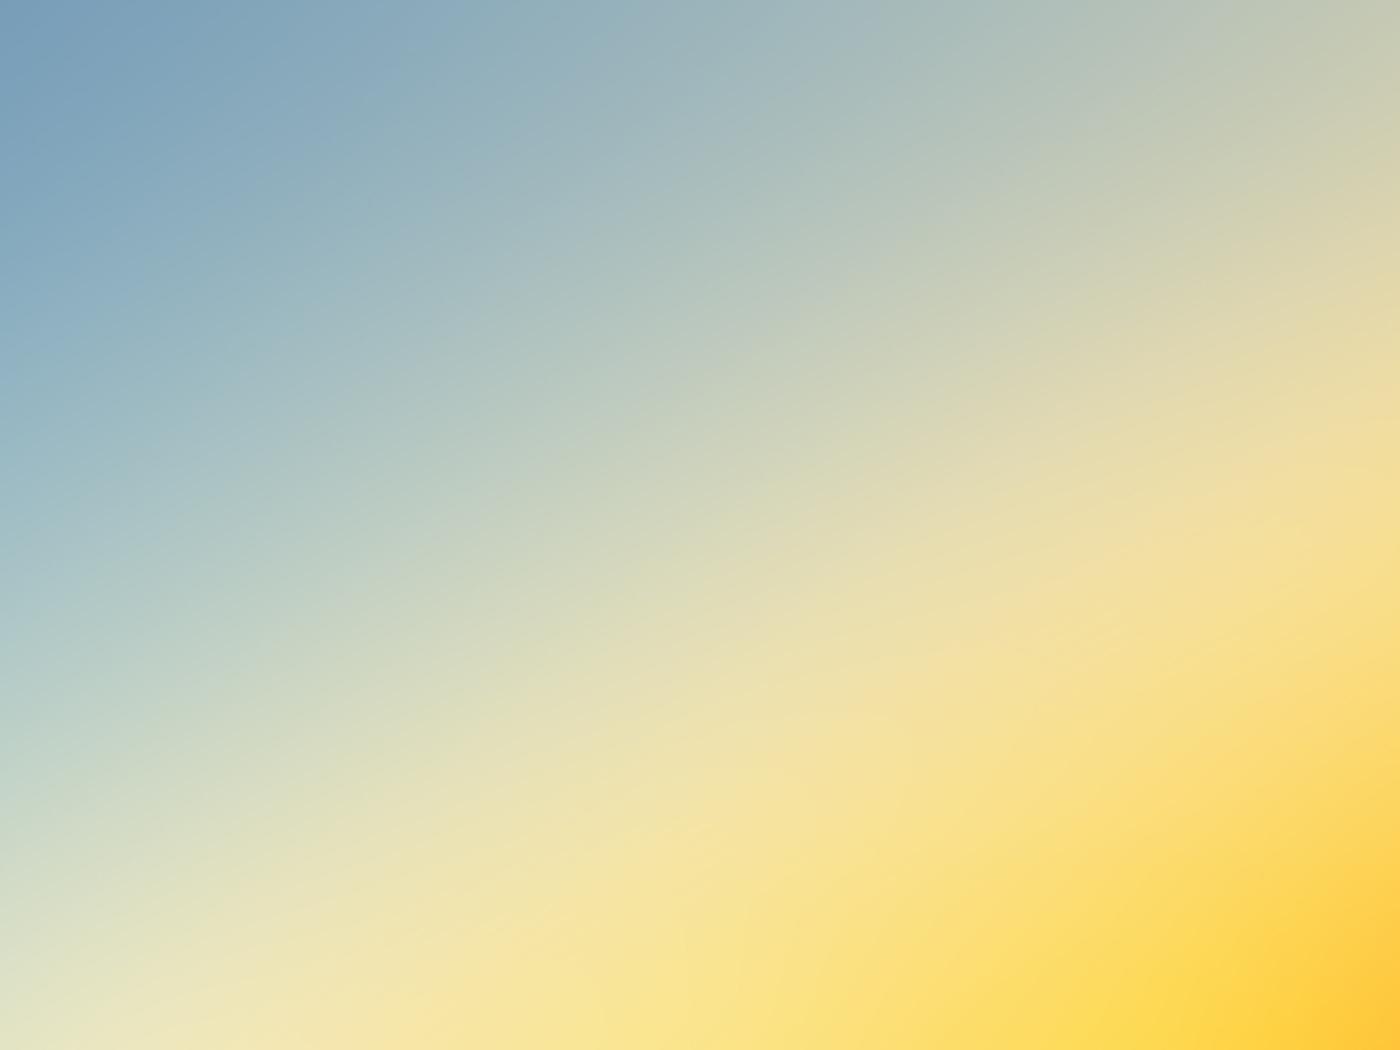 резцы вырастут желто розово голубой фон запрещено увольнение пределы